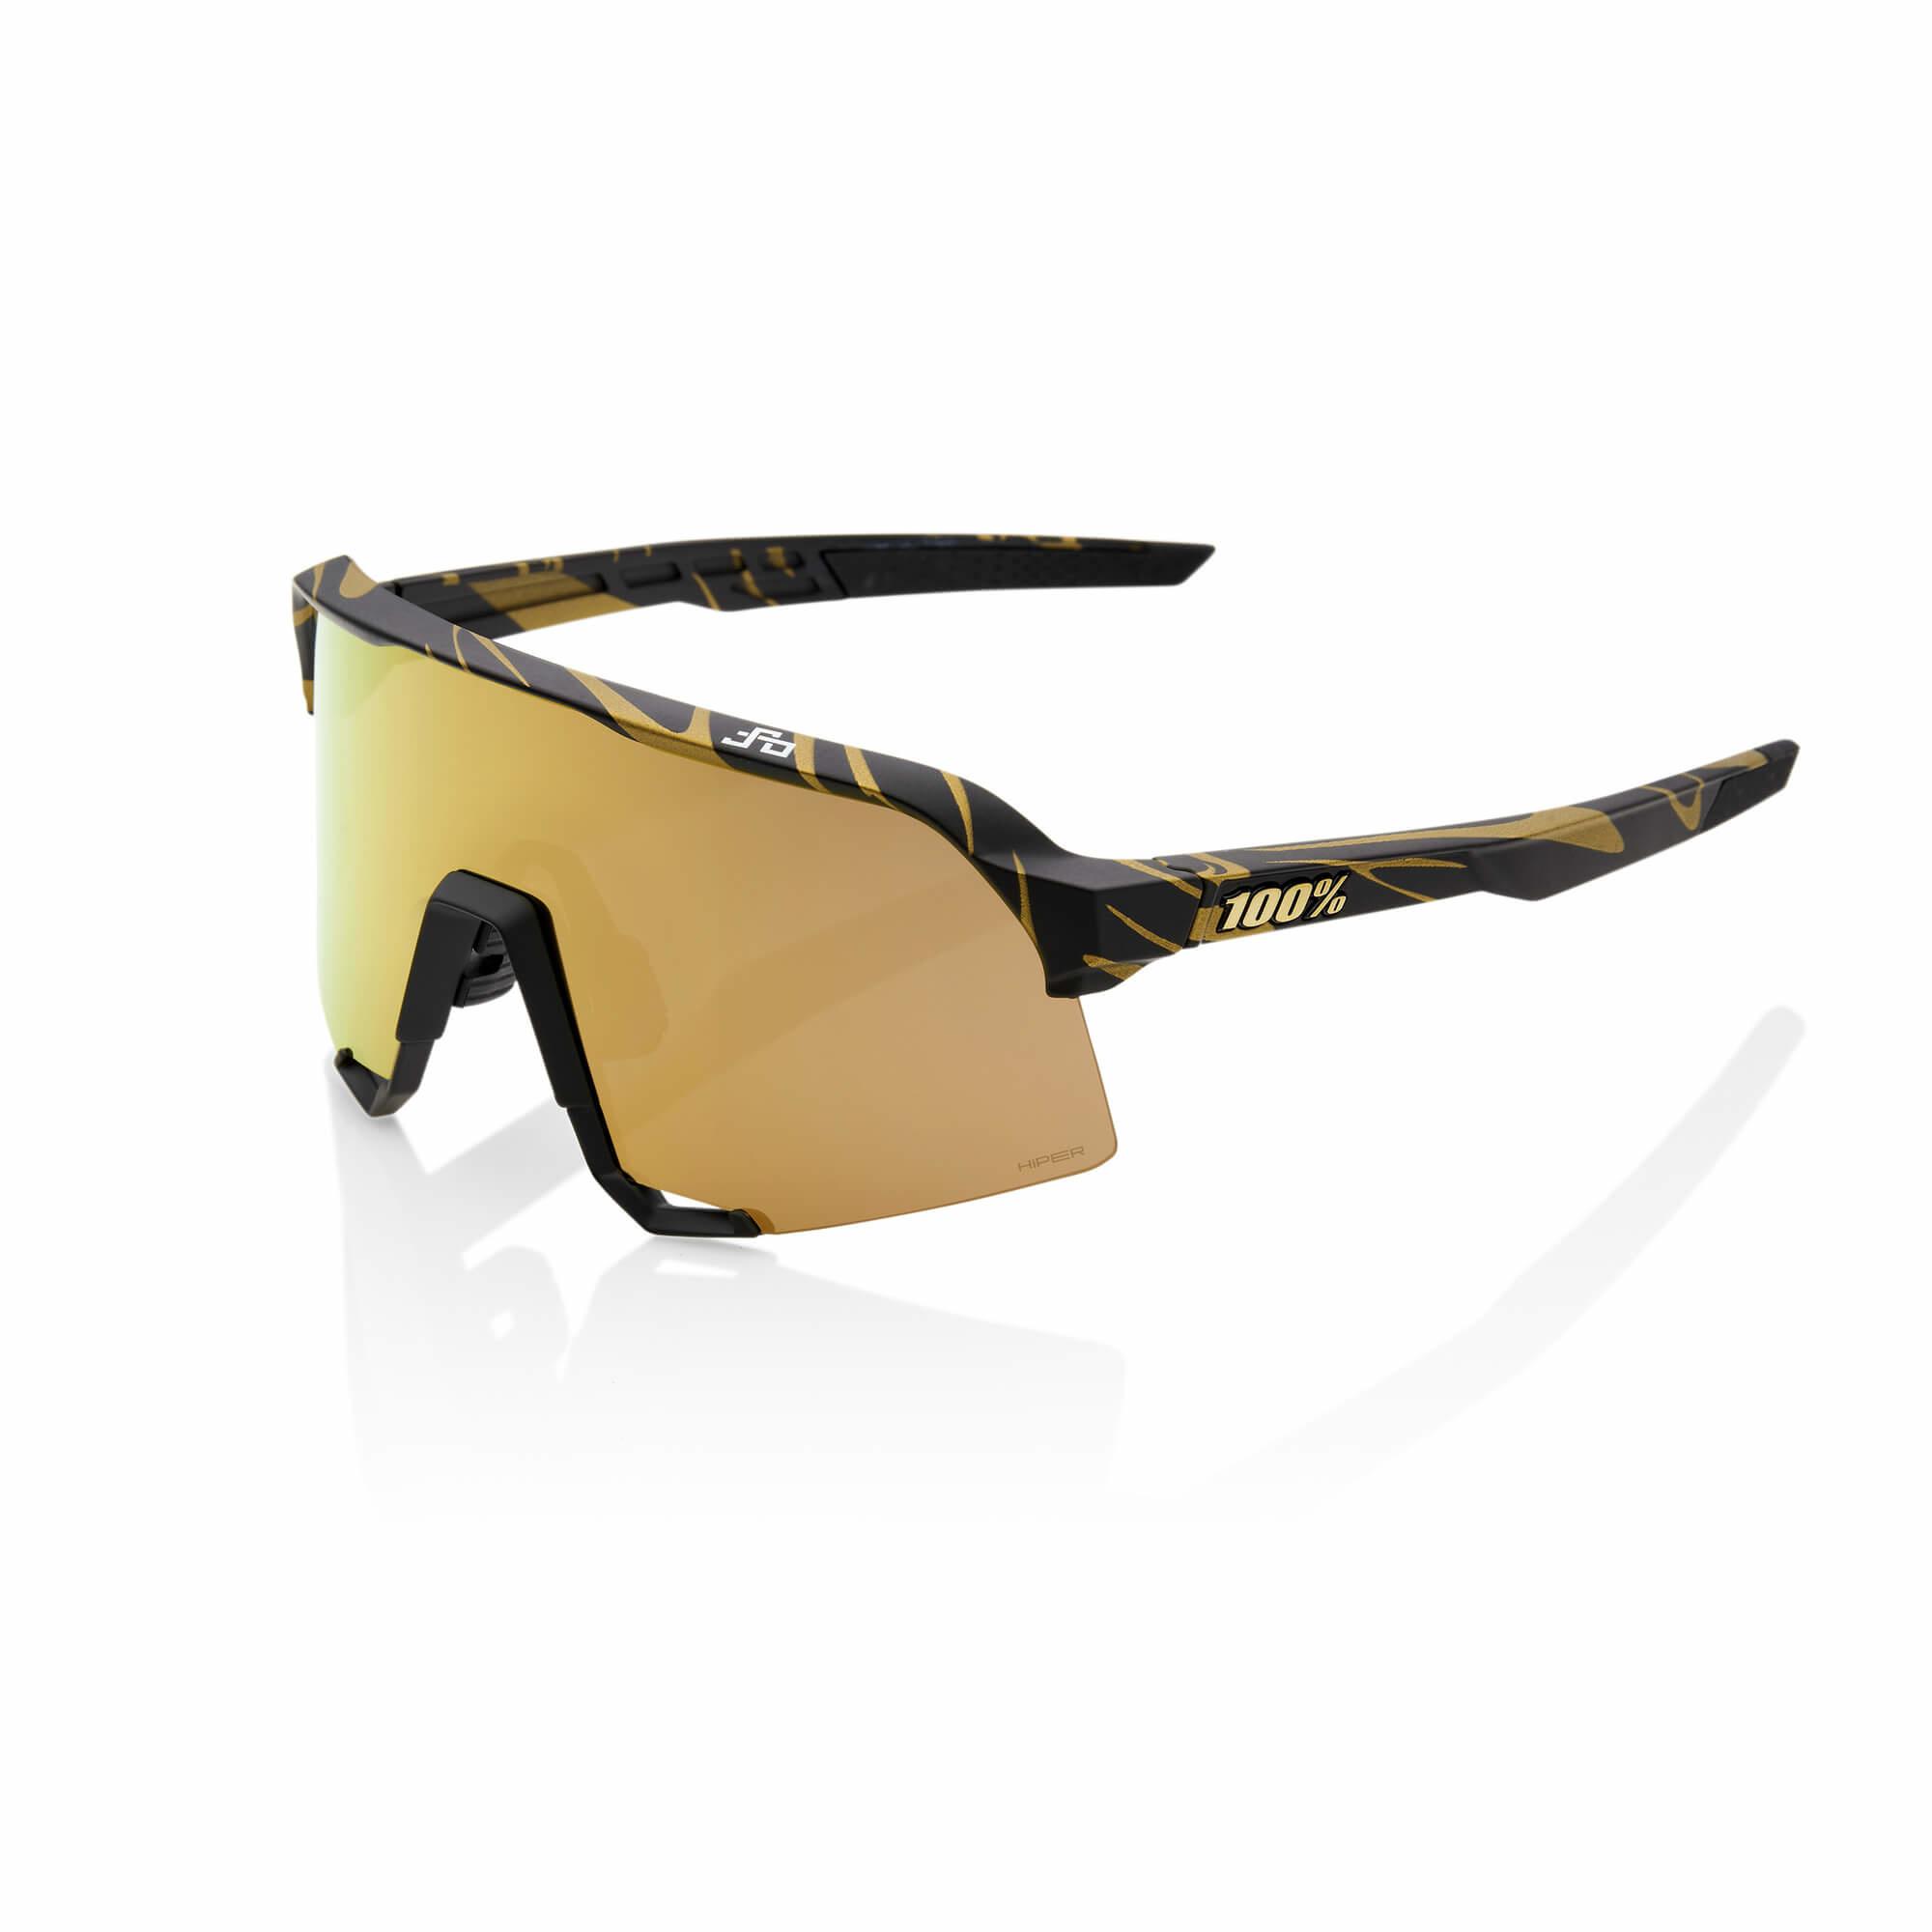 S3 Peter Sagan LE Metallic Gold Flake Hiper Gold Mirror Lens-1